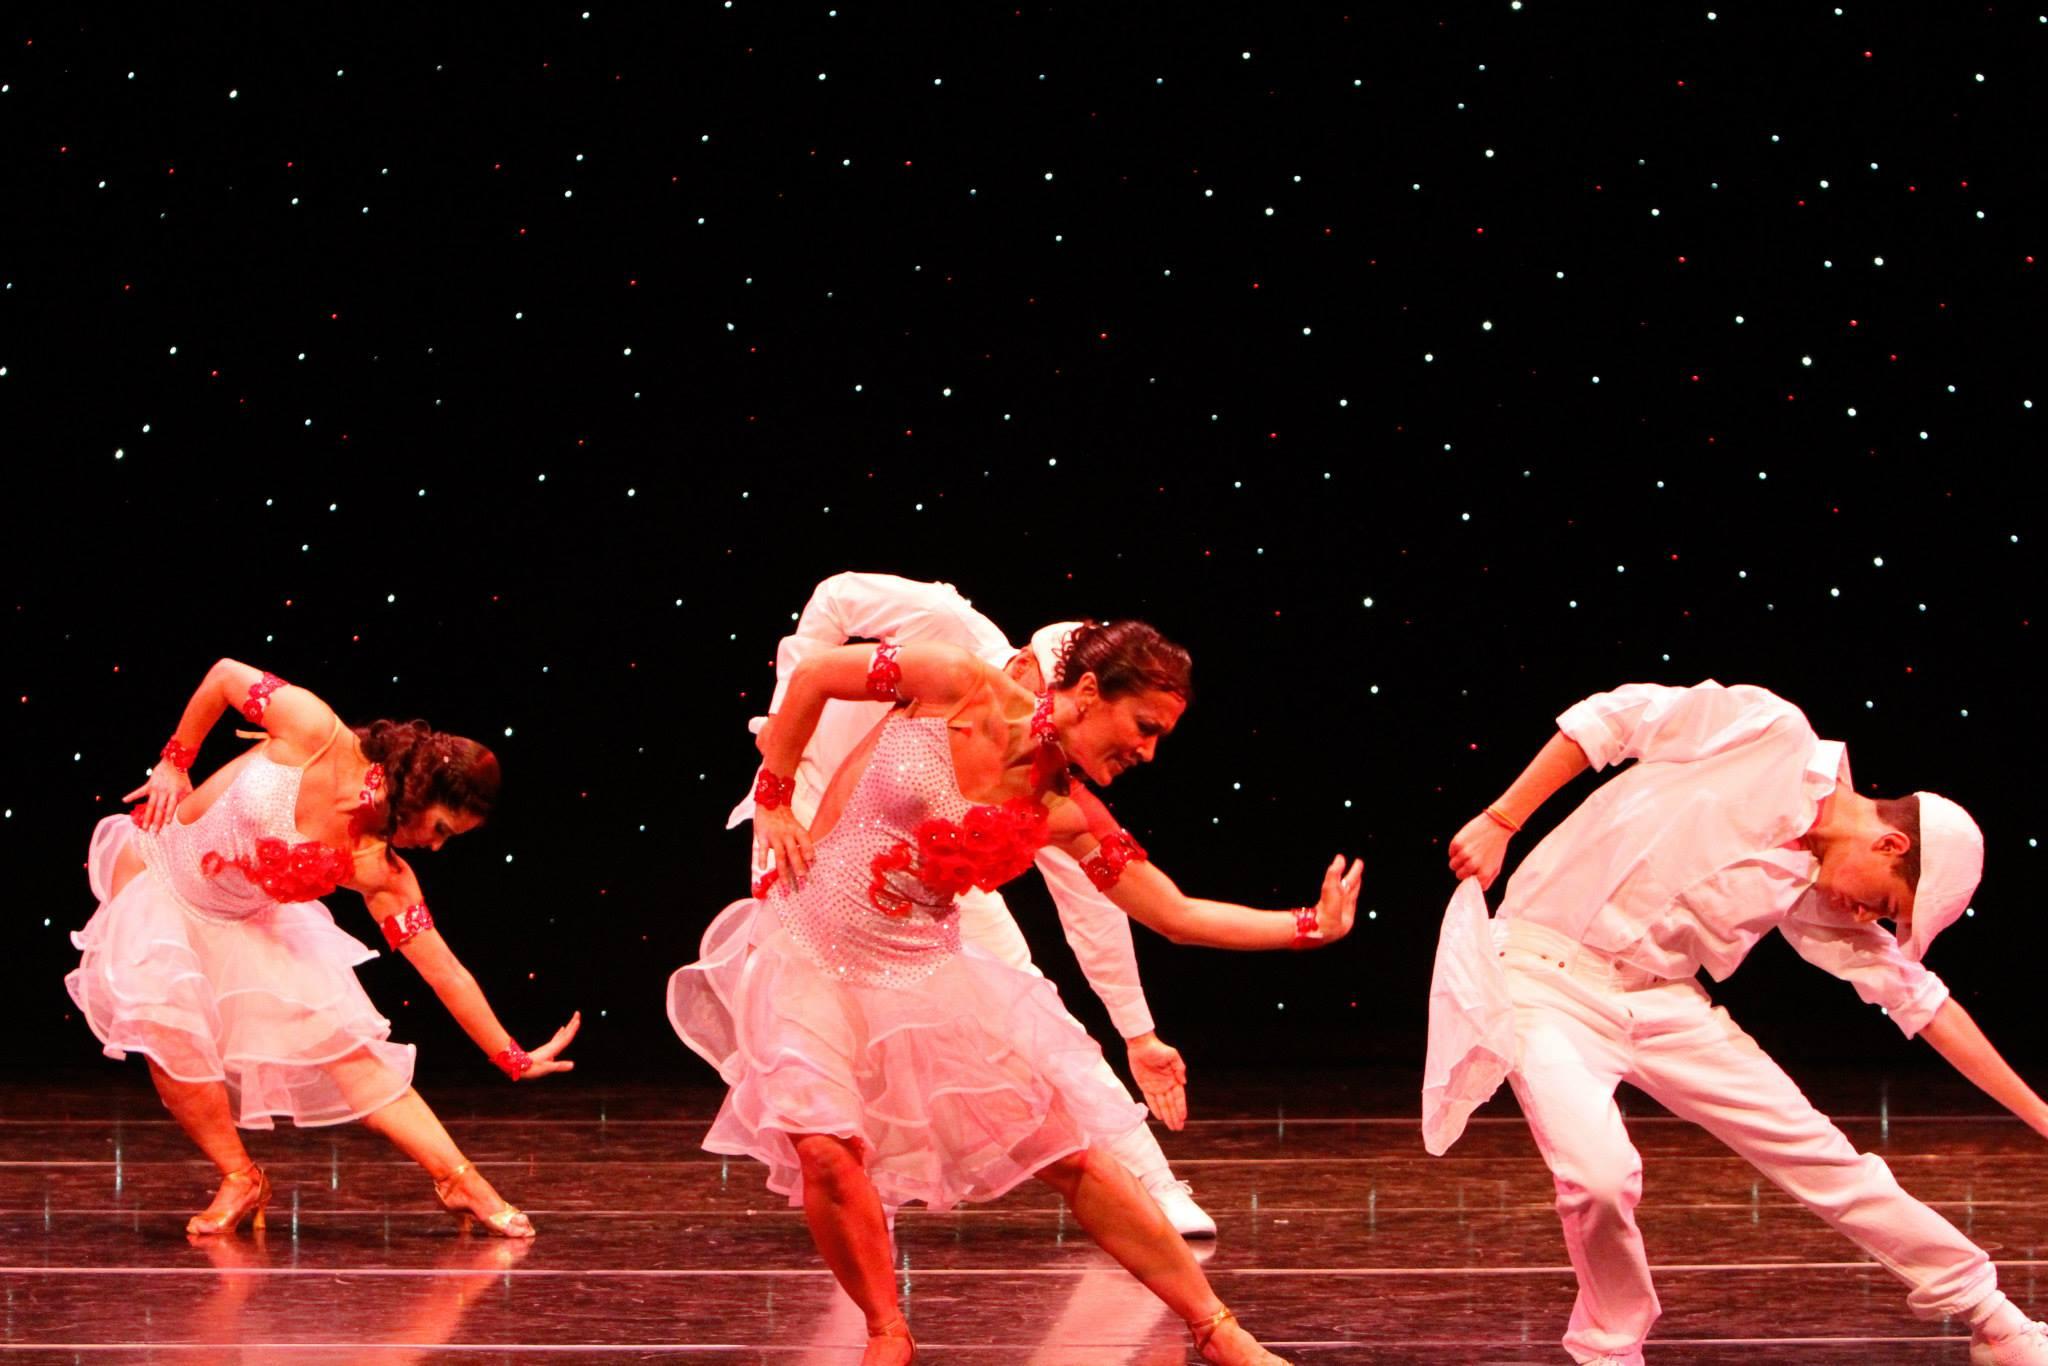 Maritza Rosales Bailarina Instructora Coreografa Profesional en Bailes Populares y de Salon Ritmos Cubanos y Latinos Rumba Mambo Salsa Merengue Cumbia 003